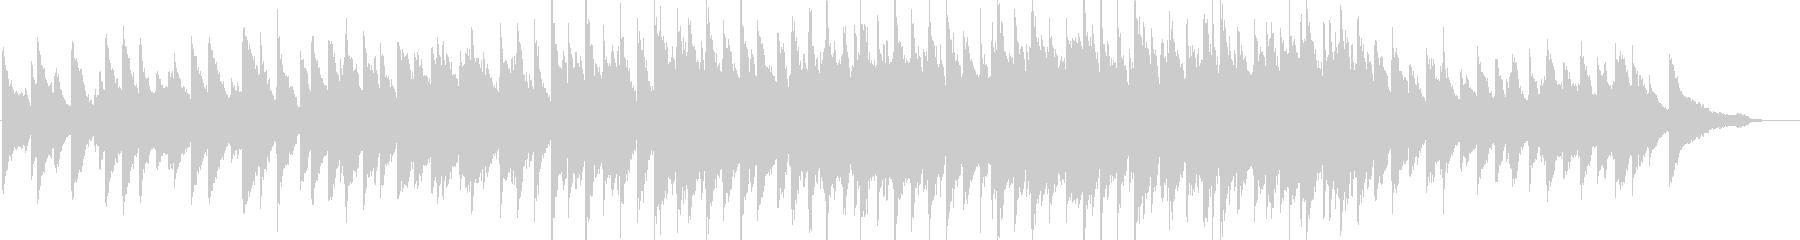 感動・壮大・バラード・ピアノソロの未再生の波形